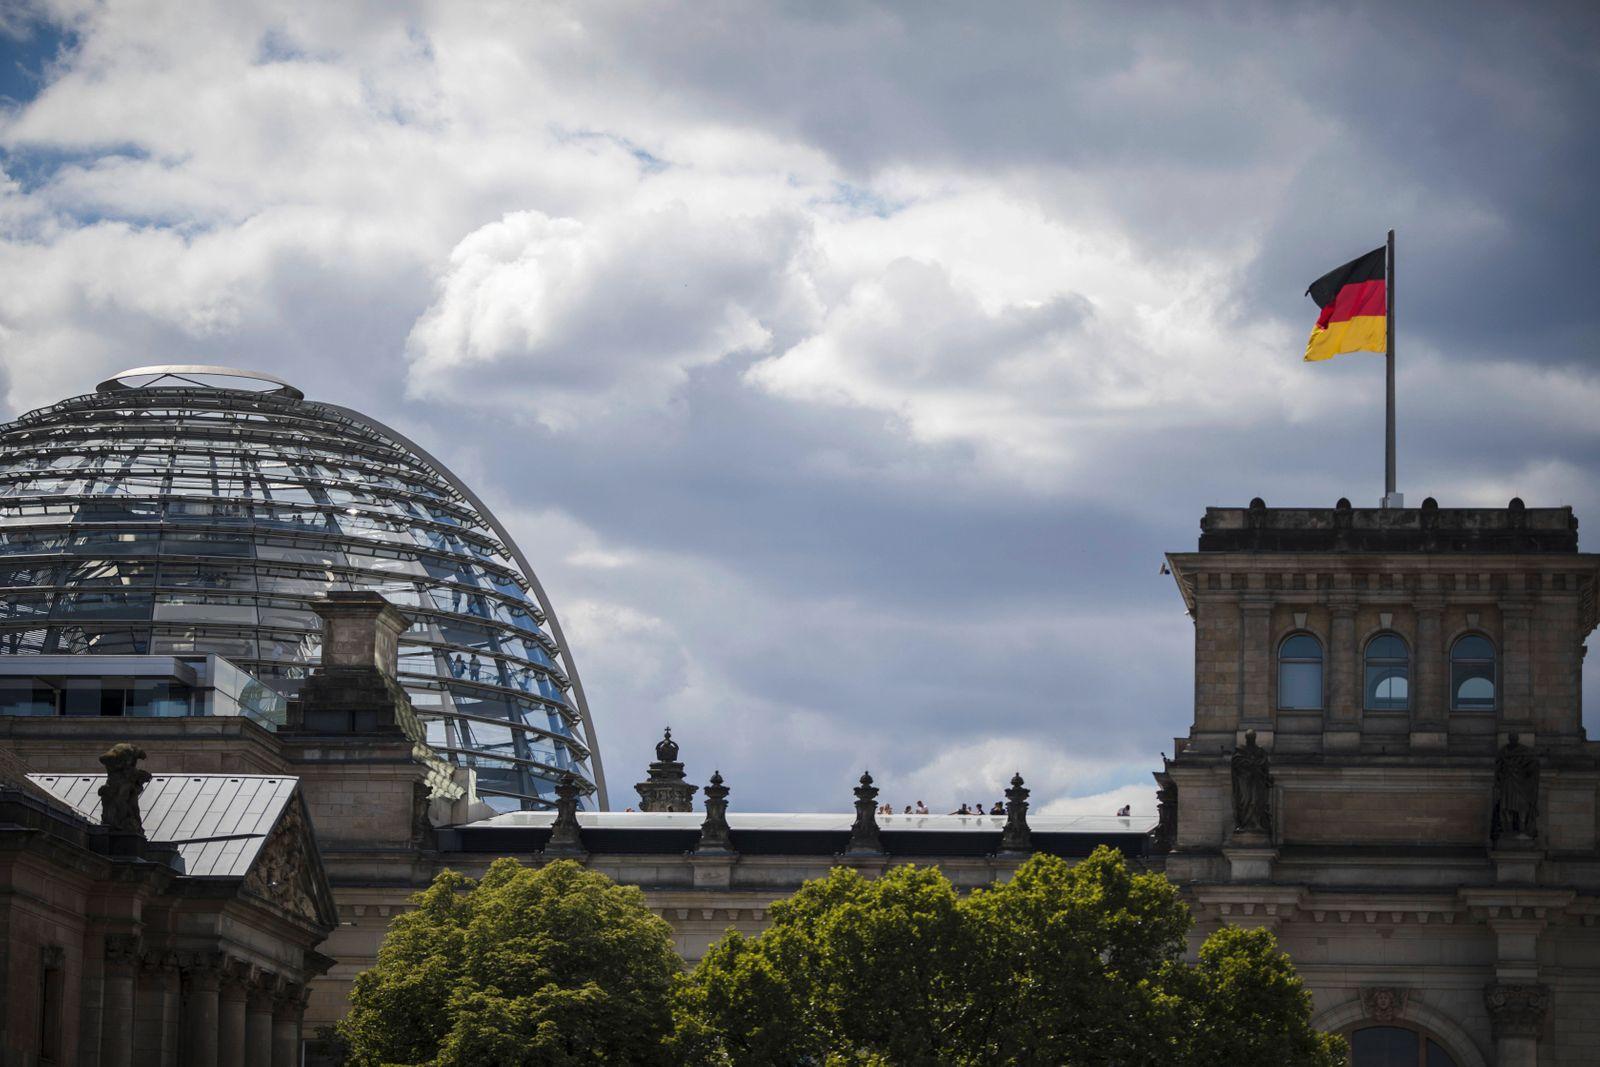 Der Reichstag in Berlin 02 07 2018 Berlin Deutschland *** The Reichstag in Berlin 02 07 2018 Berli